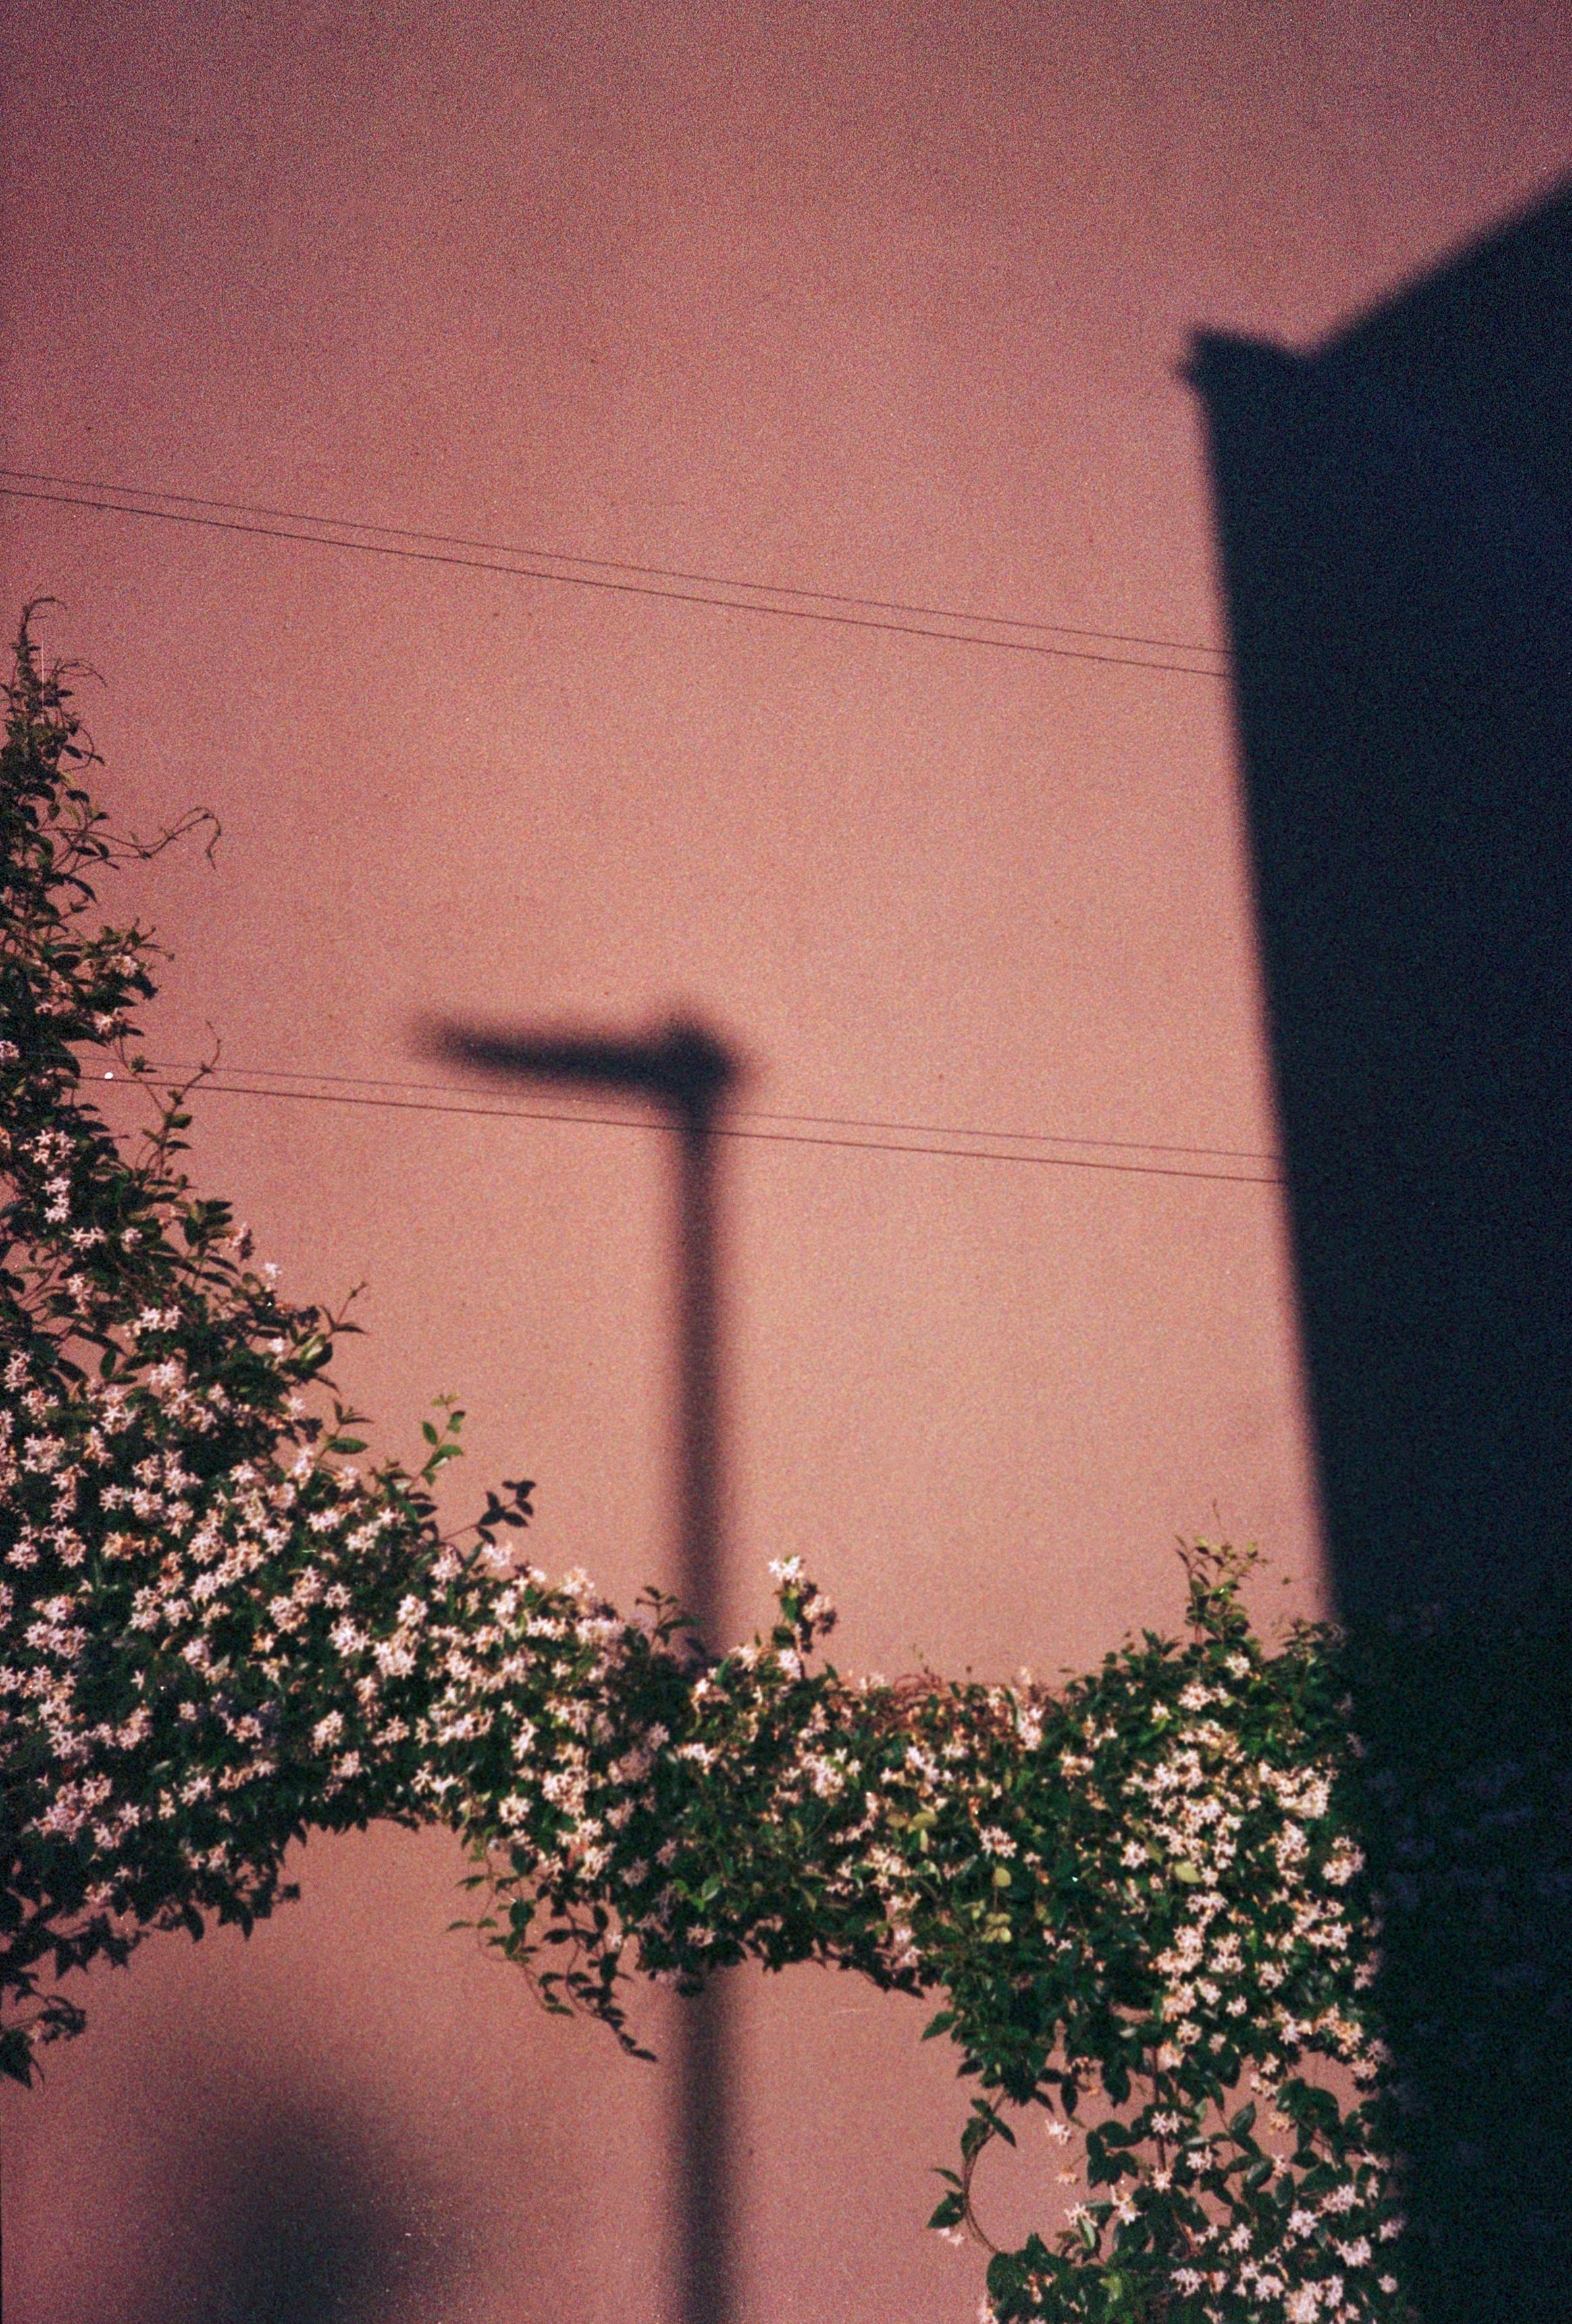 Lamp_Edit.jpg